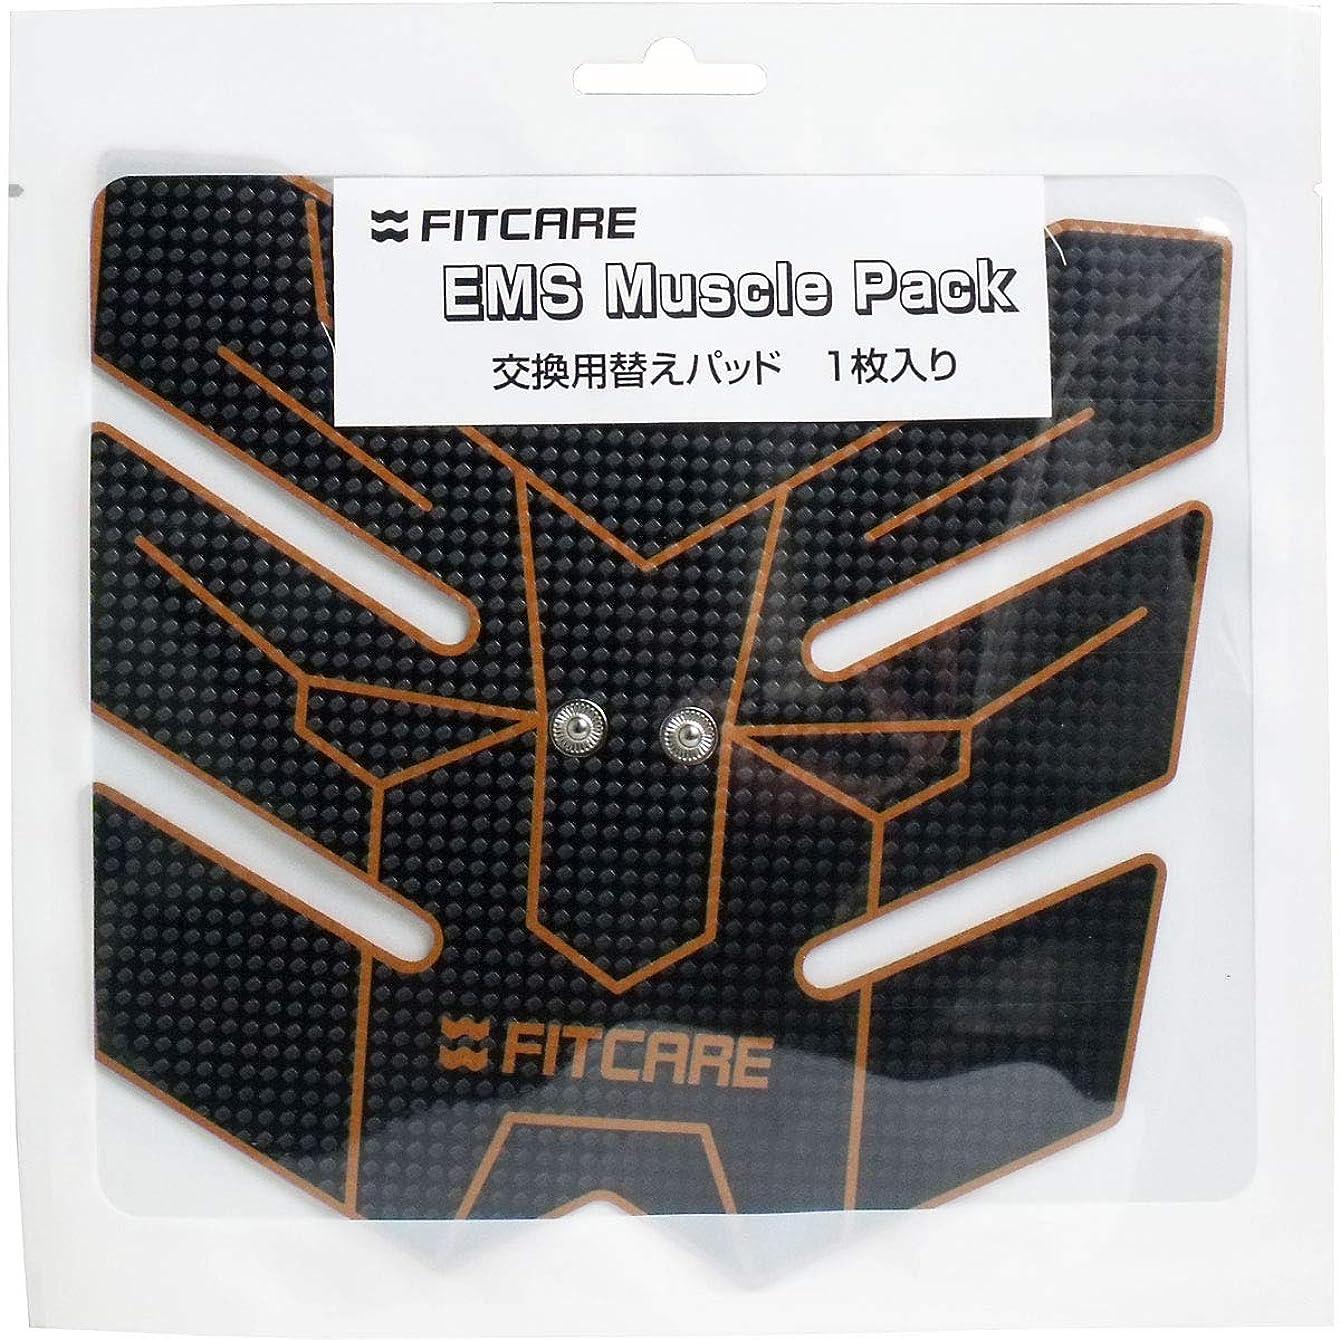 キリマンジャロこれまでスリルEMS マッスルパック 交換用替えパッド 1枚入×10個セット